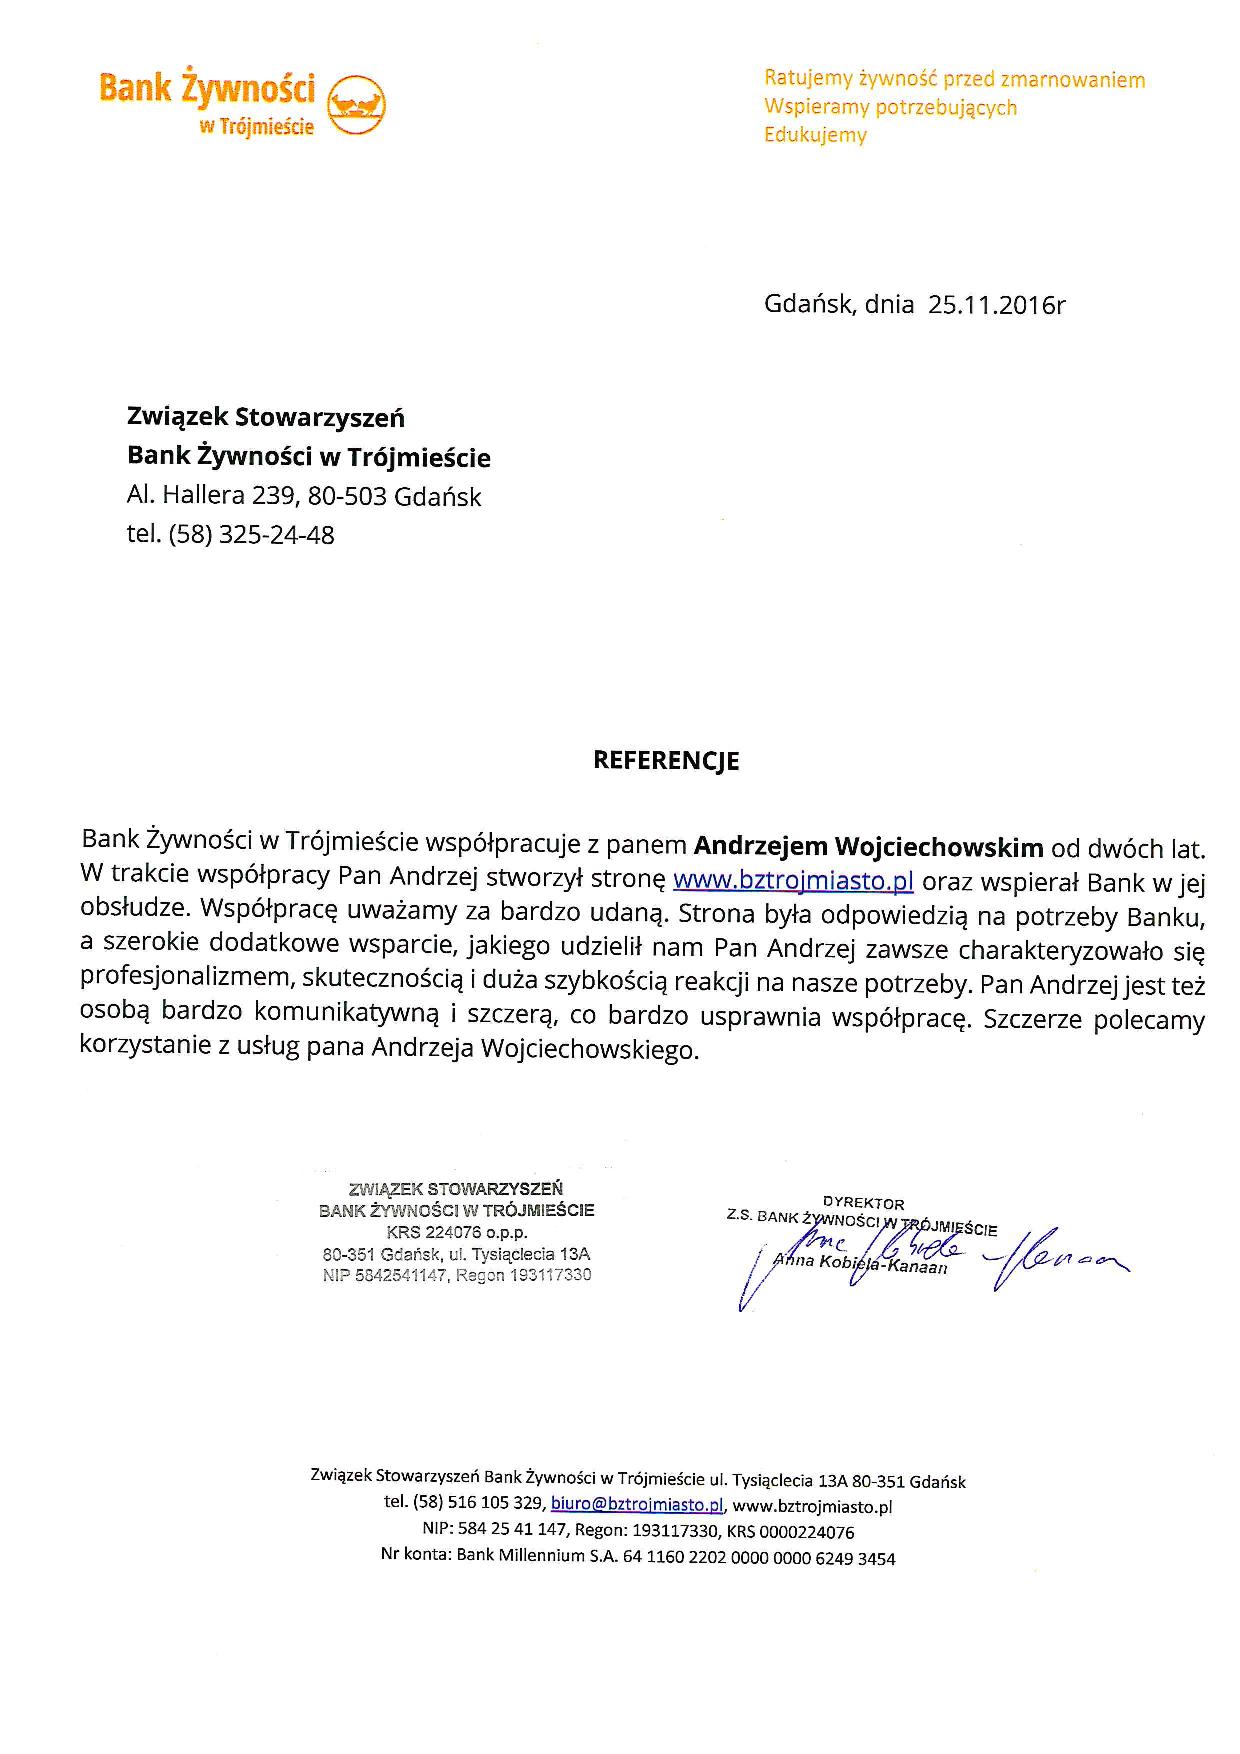 Referencje - ZS Bank Żywności w Trójmieście